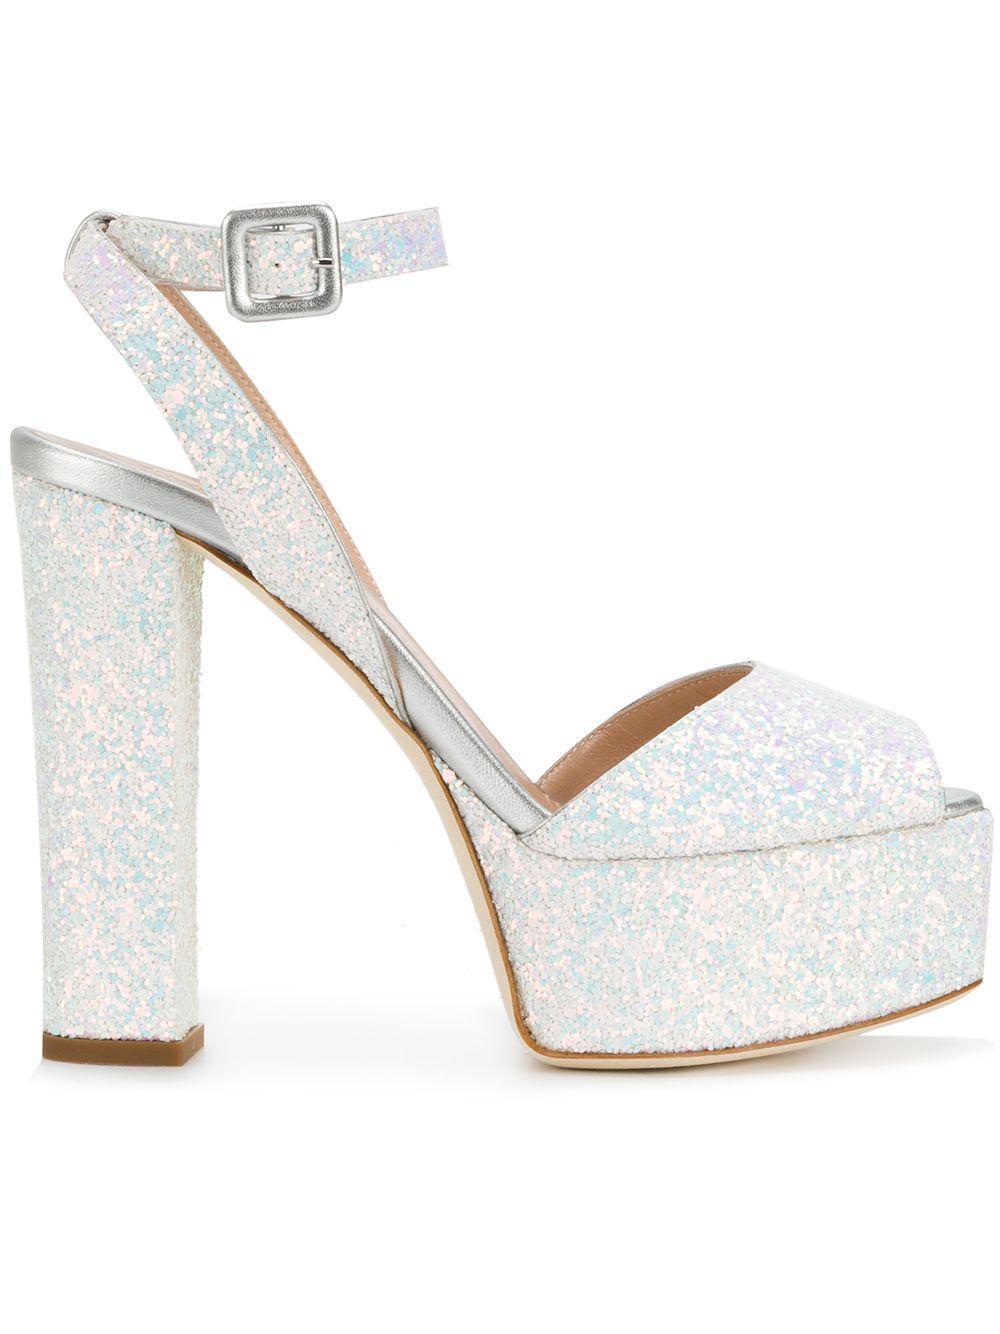 e22d8d771c9 Lyst - Giuseppe Zanotti Betty Glitter Platform Sandals